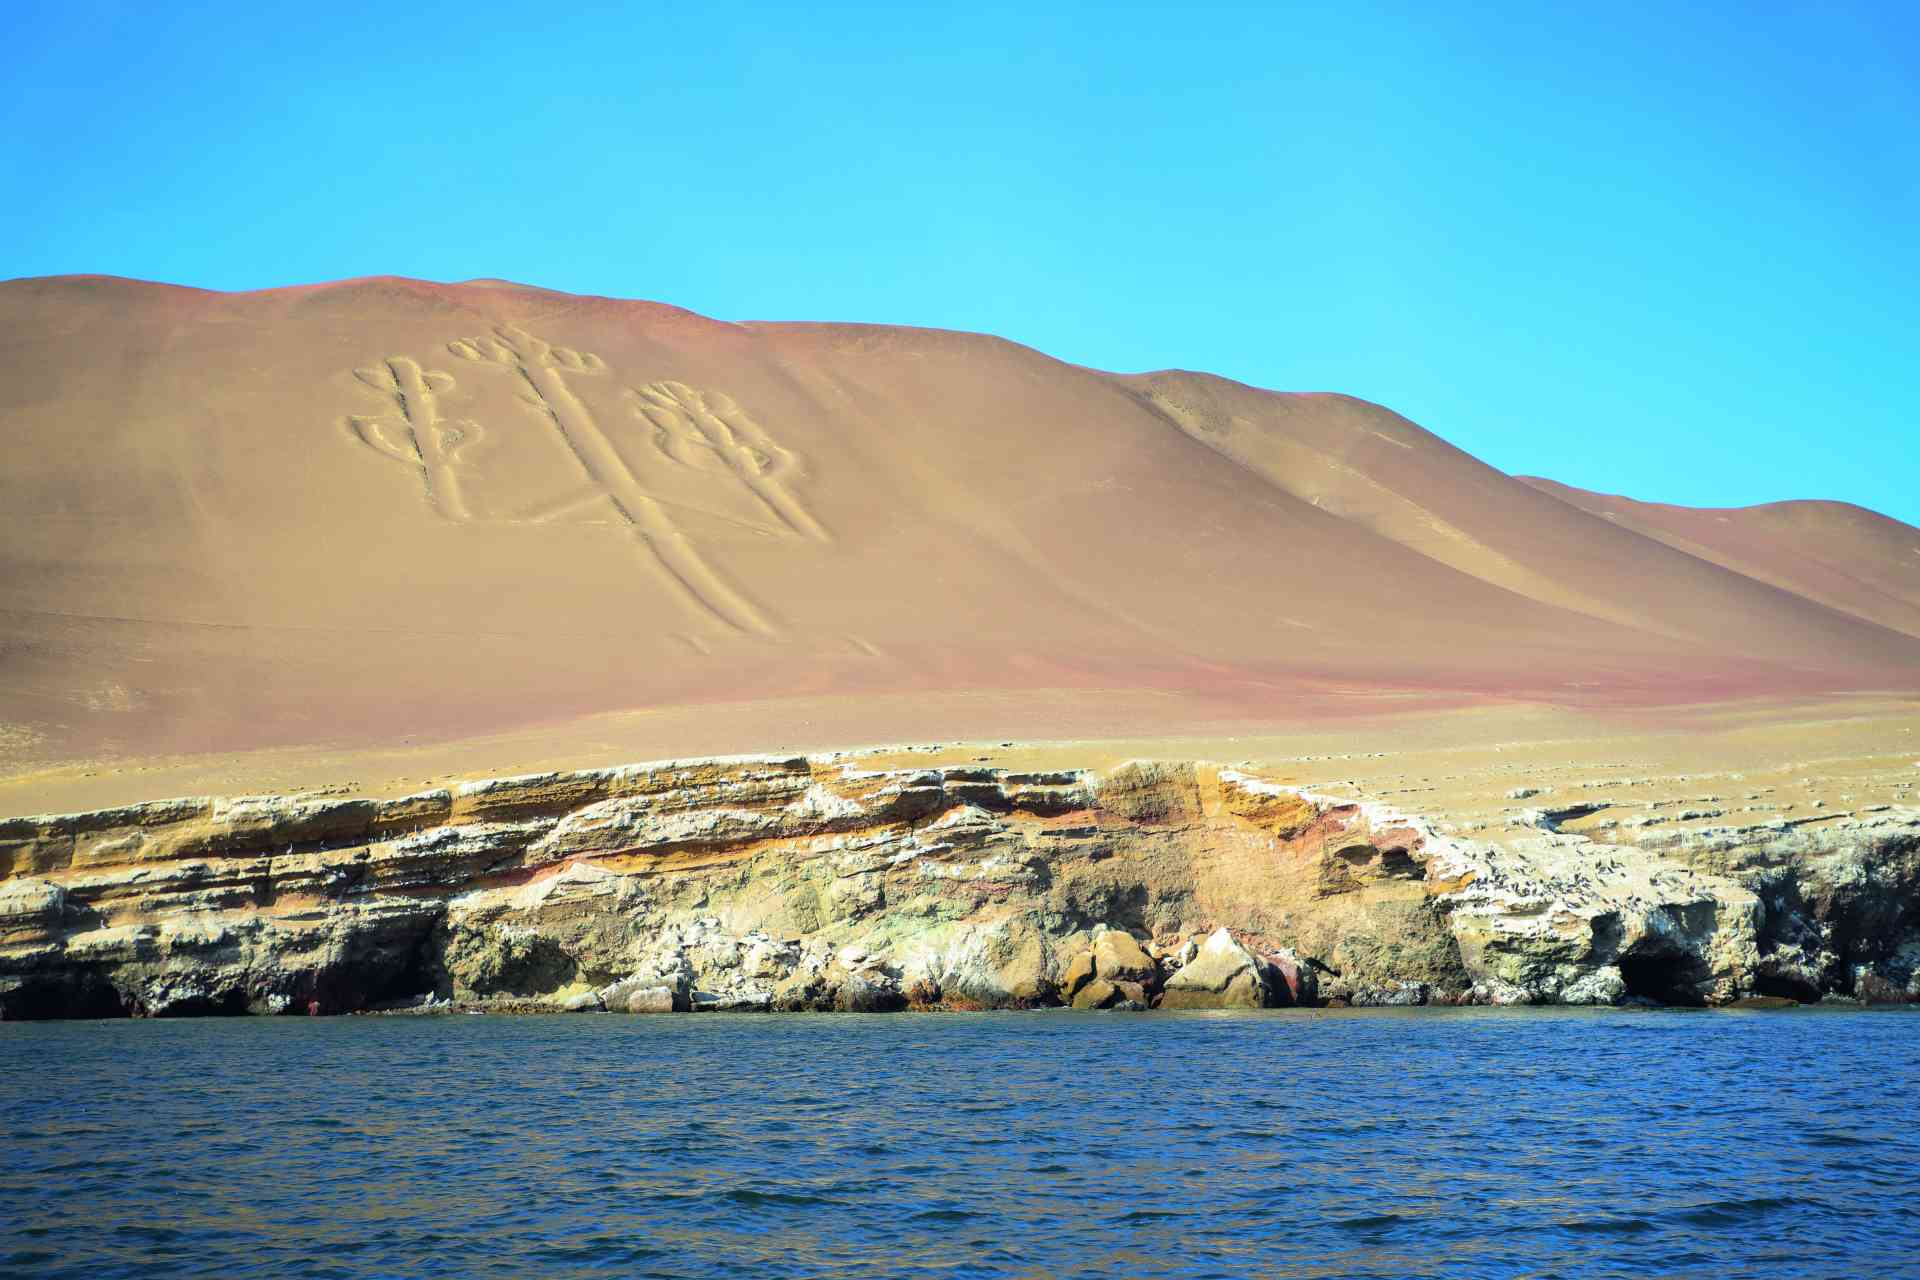 Candelabro, Ballestas Islands, Peru